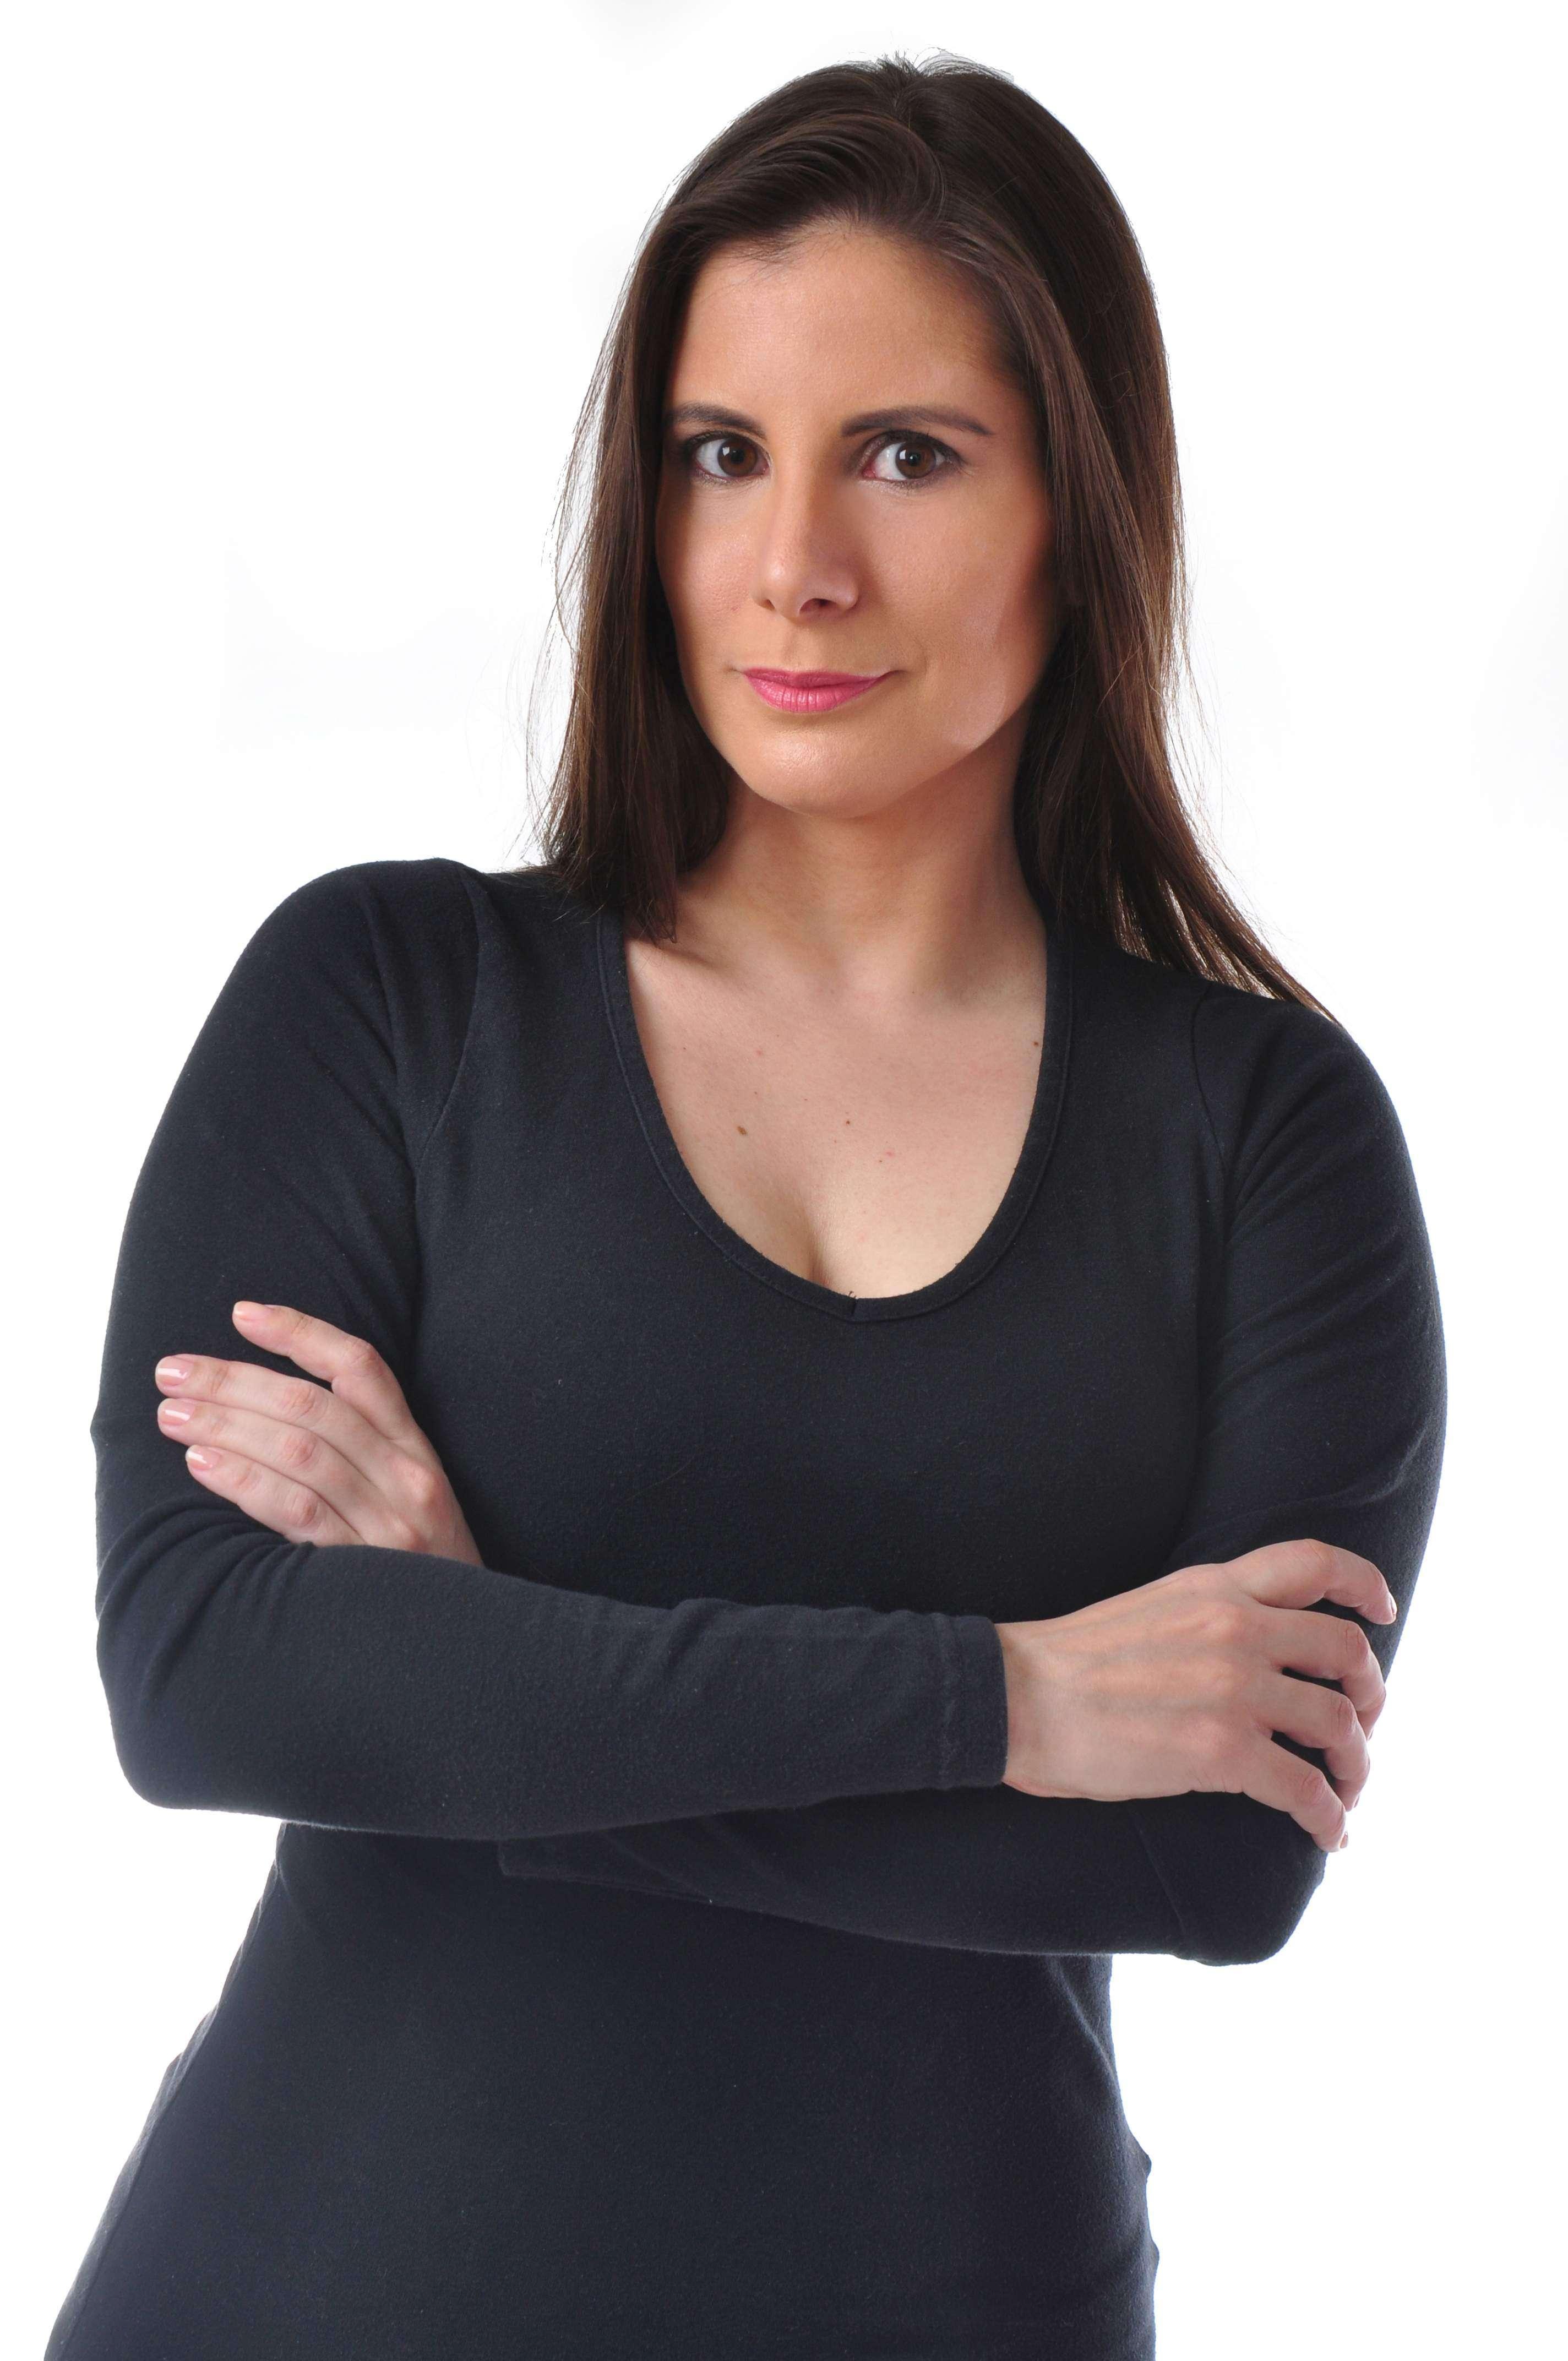 Atriz Evelyn Montesano fala sobre sua carreira